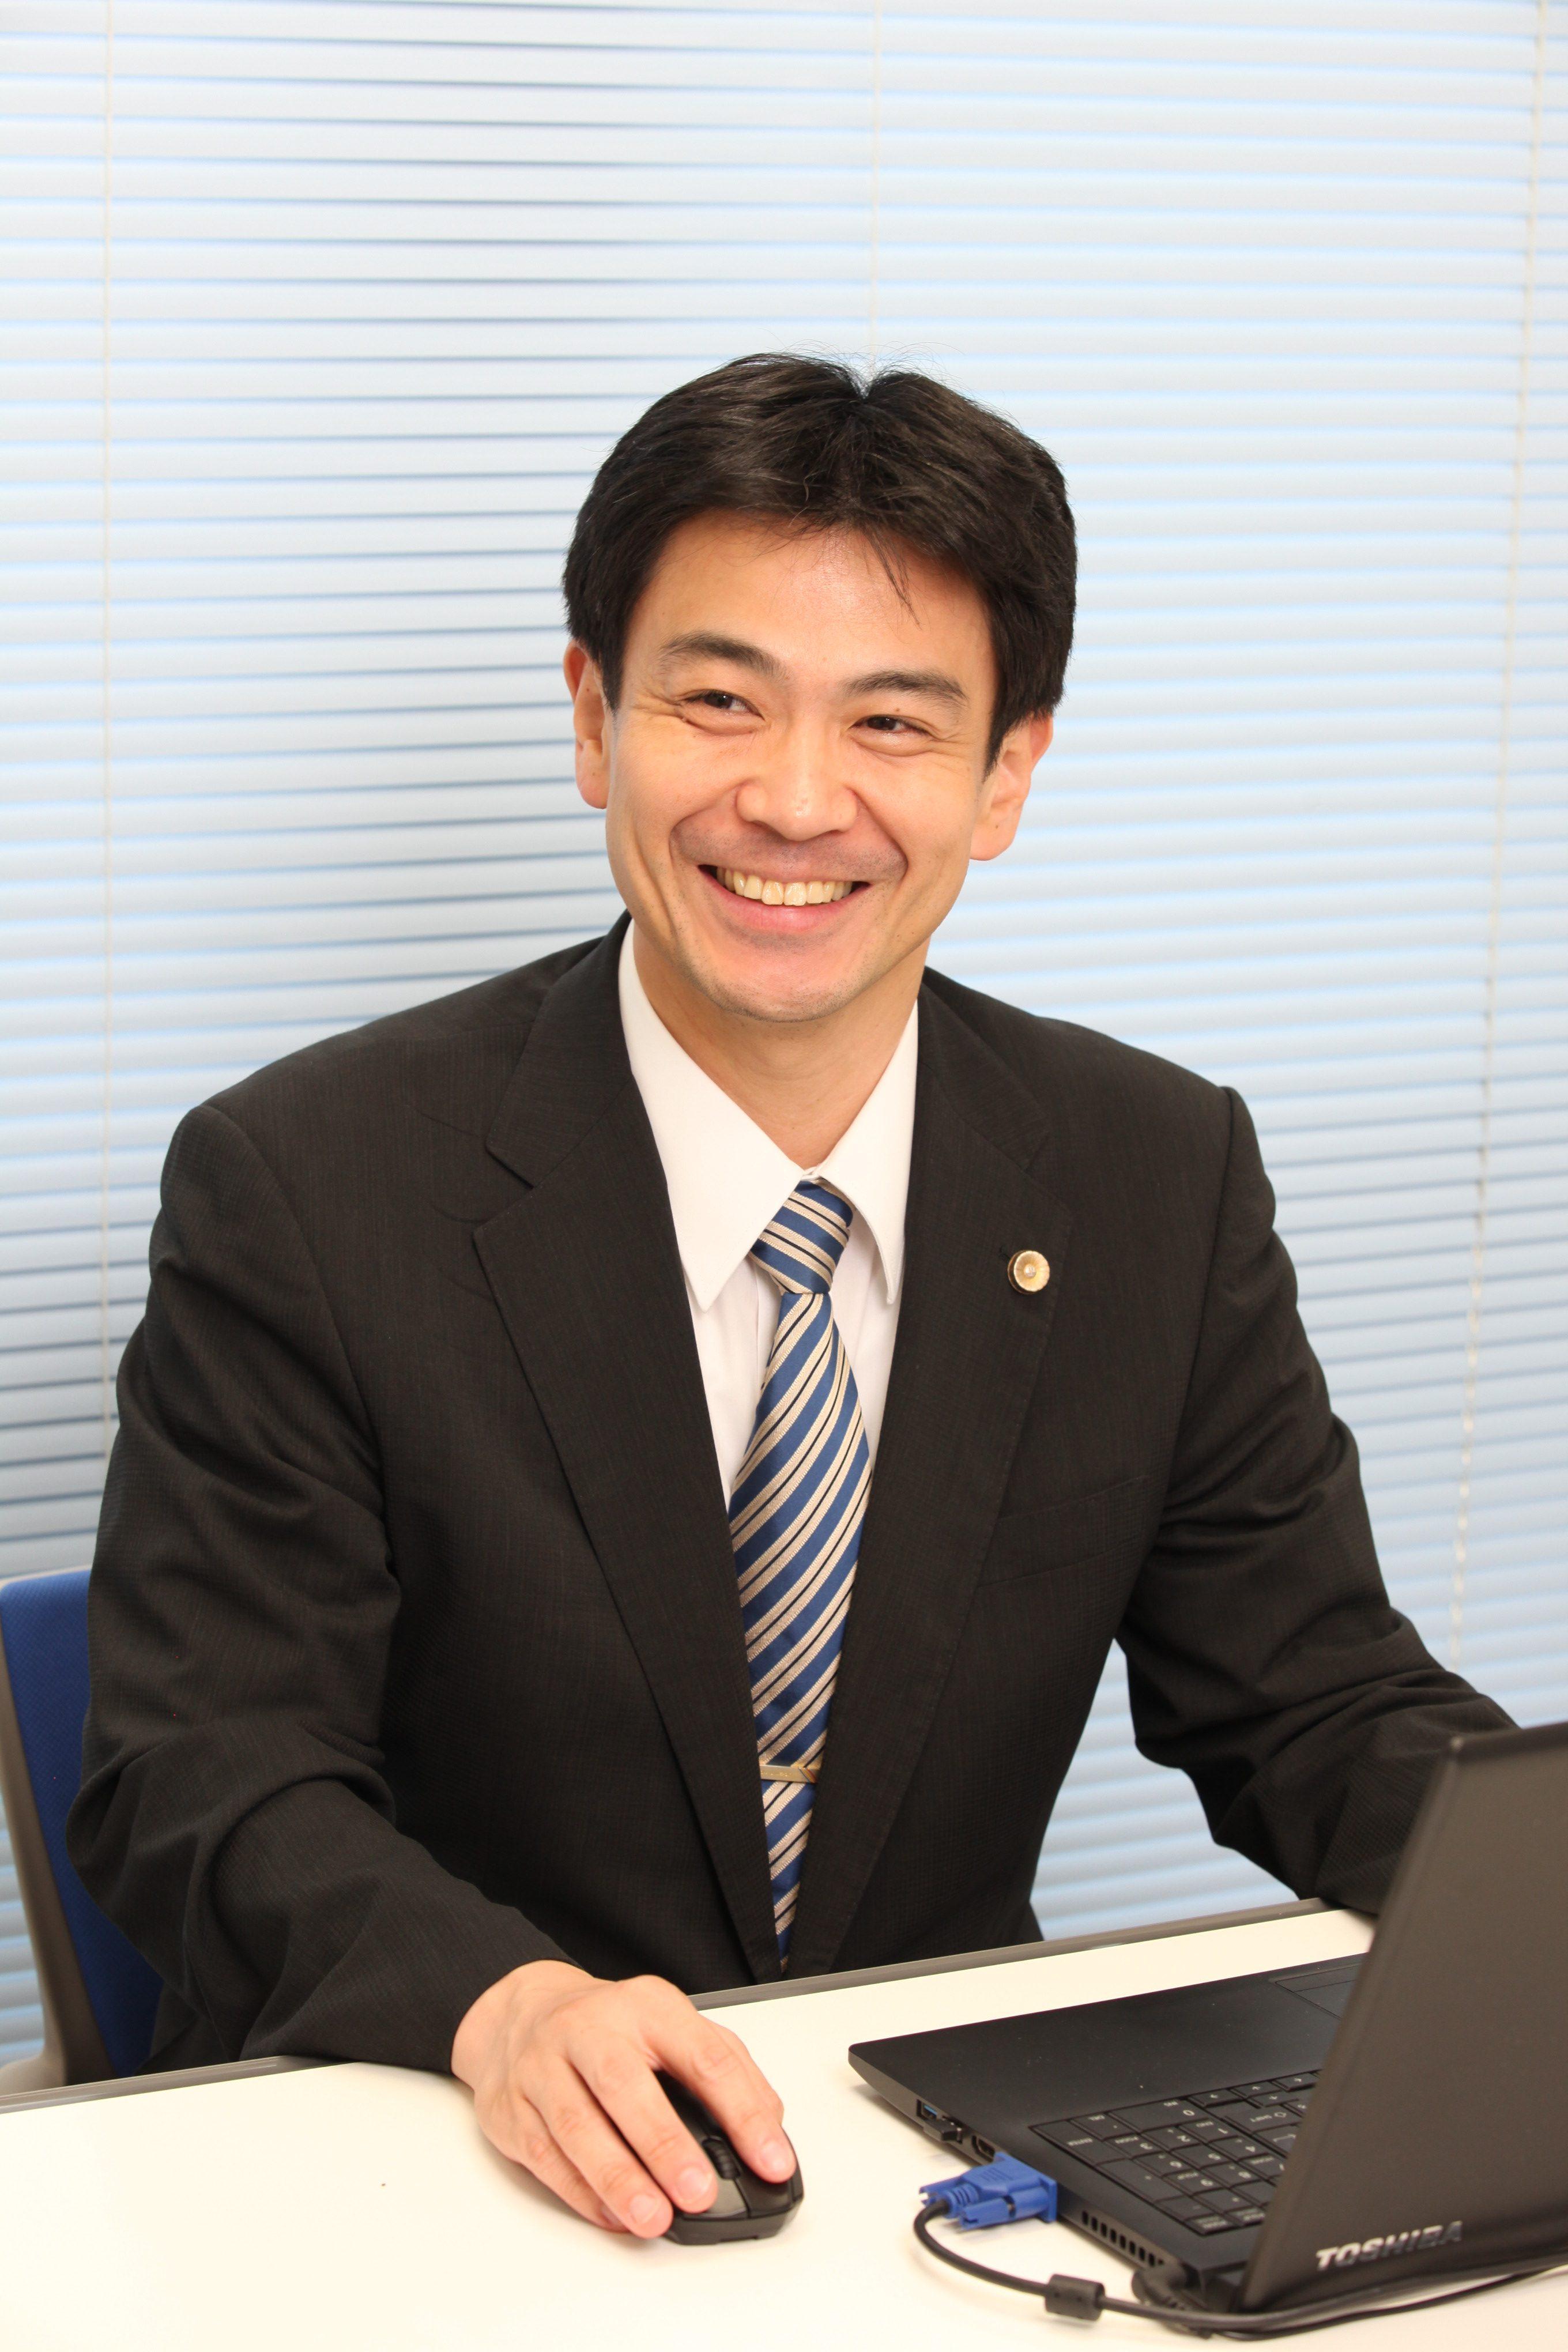 嶋本弁護士の写真です